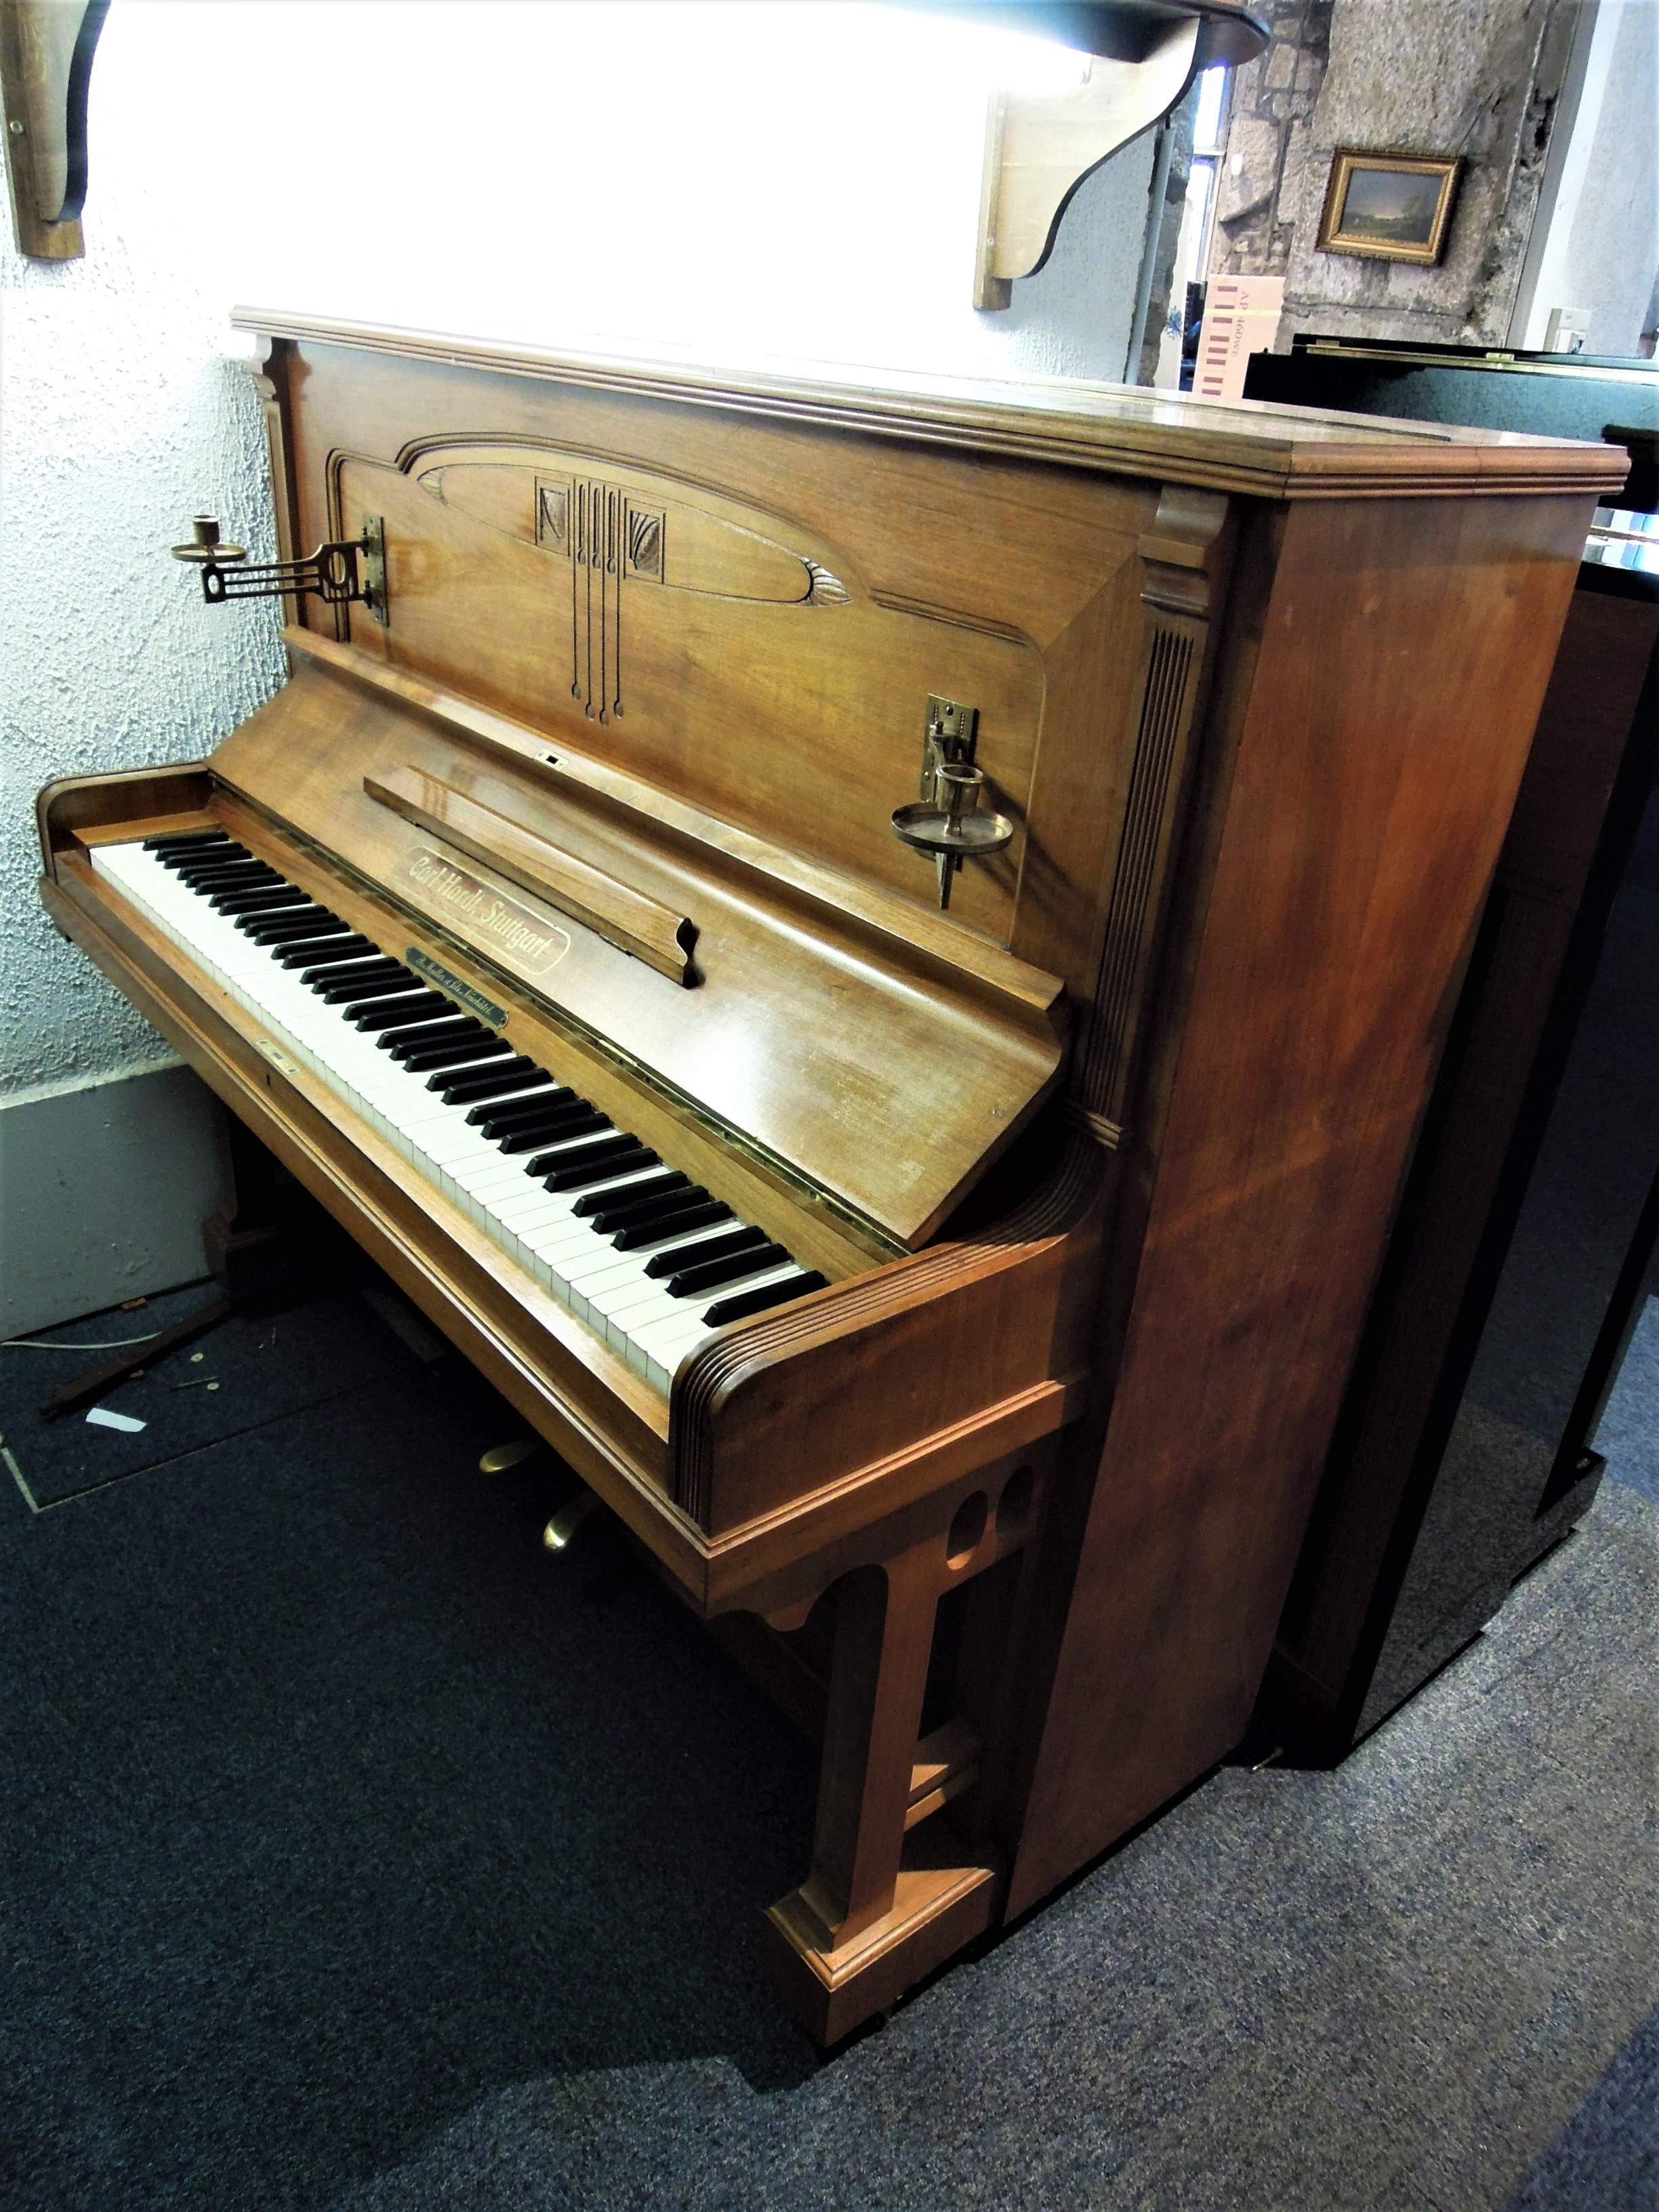 piano droit d 39 occasion carl hardt stuttgart 128 bietry musique. Black Bedroom Furniture Sets. Home Design Ideas